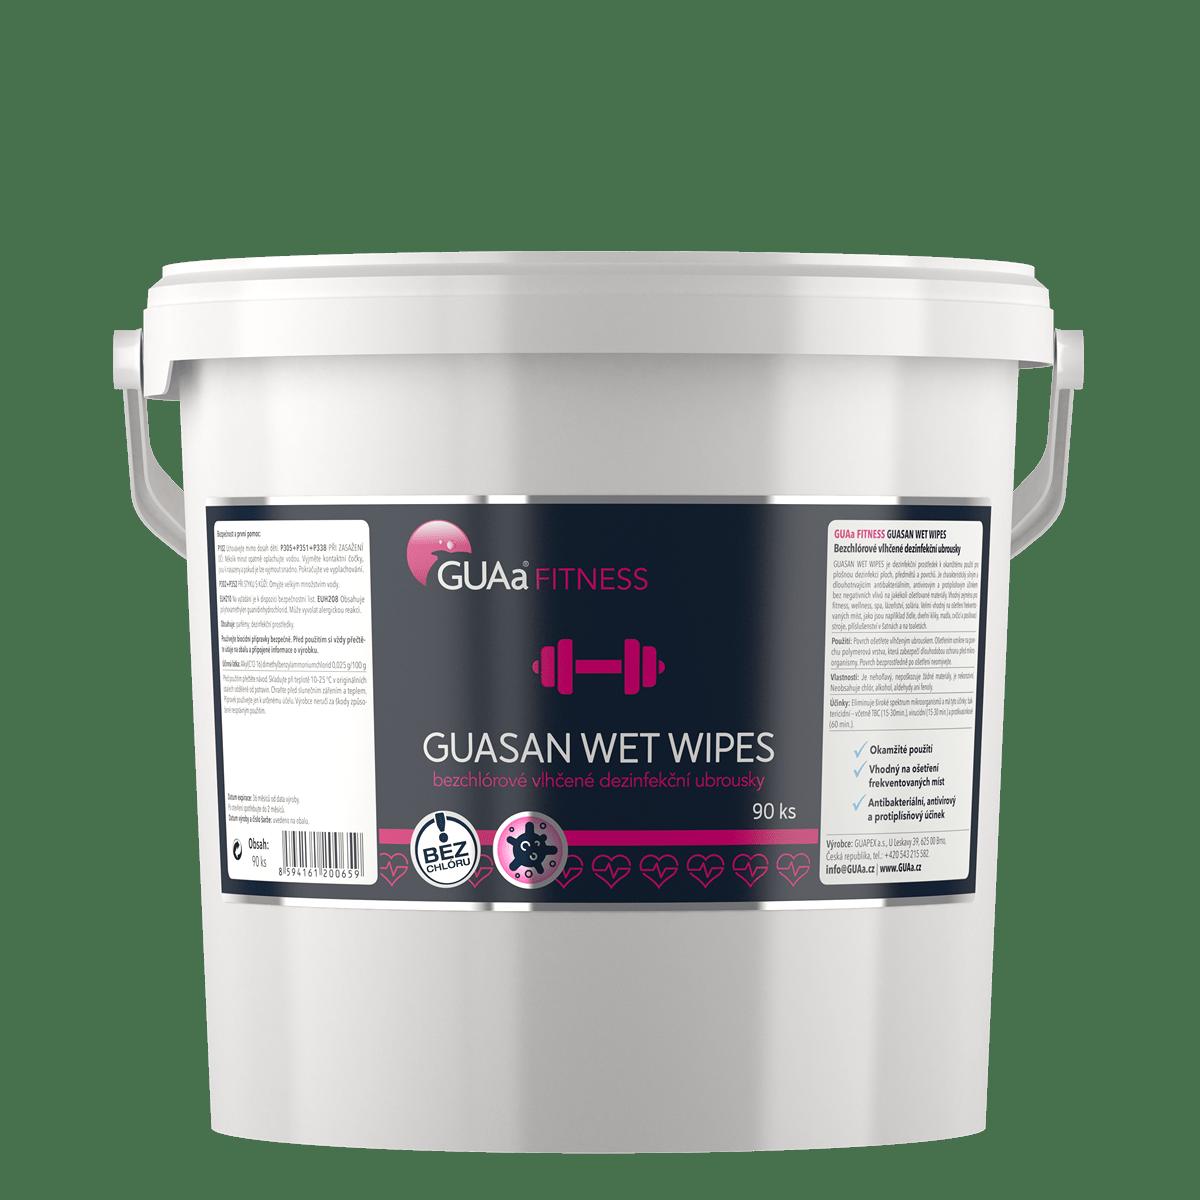 GUAa FITNESS GUASAN WET WIPES - bezchlórové vlhčené dezinfekční ubrousky